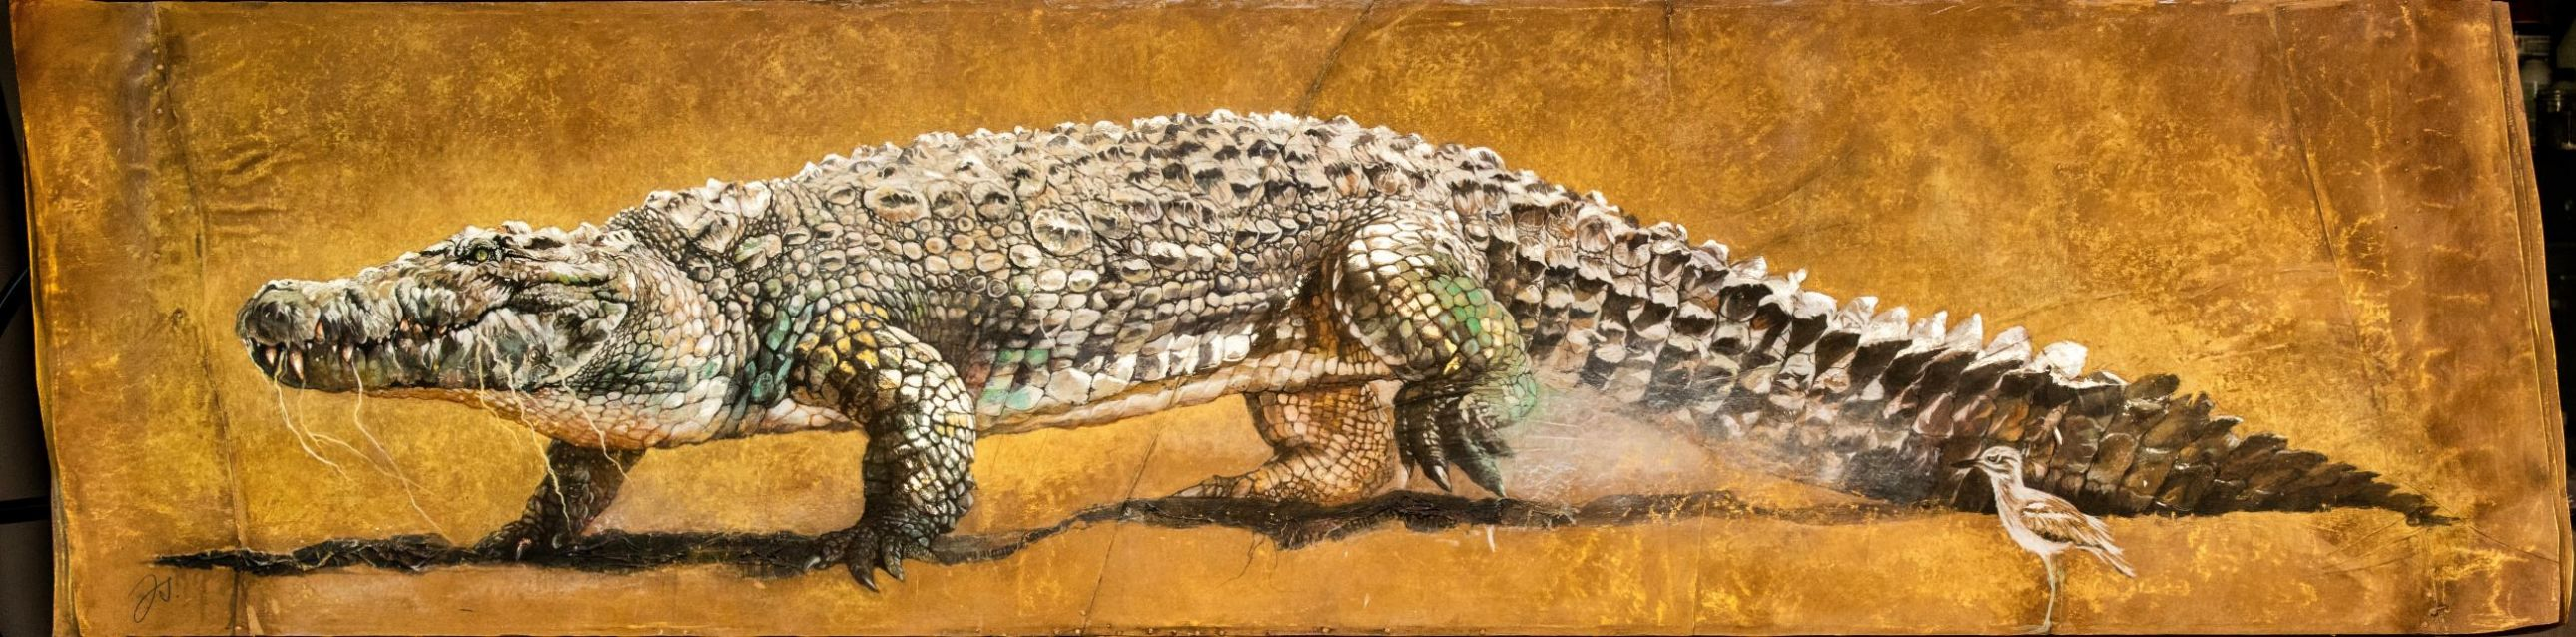 oedicneme et le crocodile.jpg